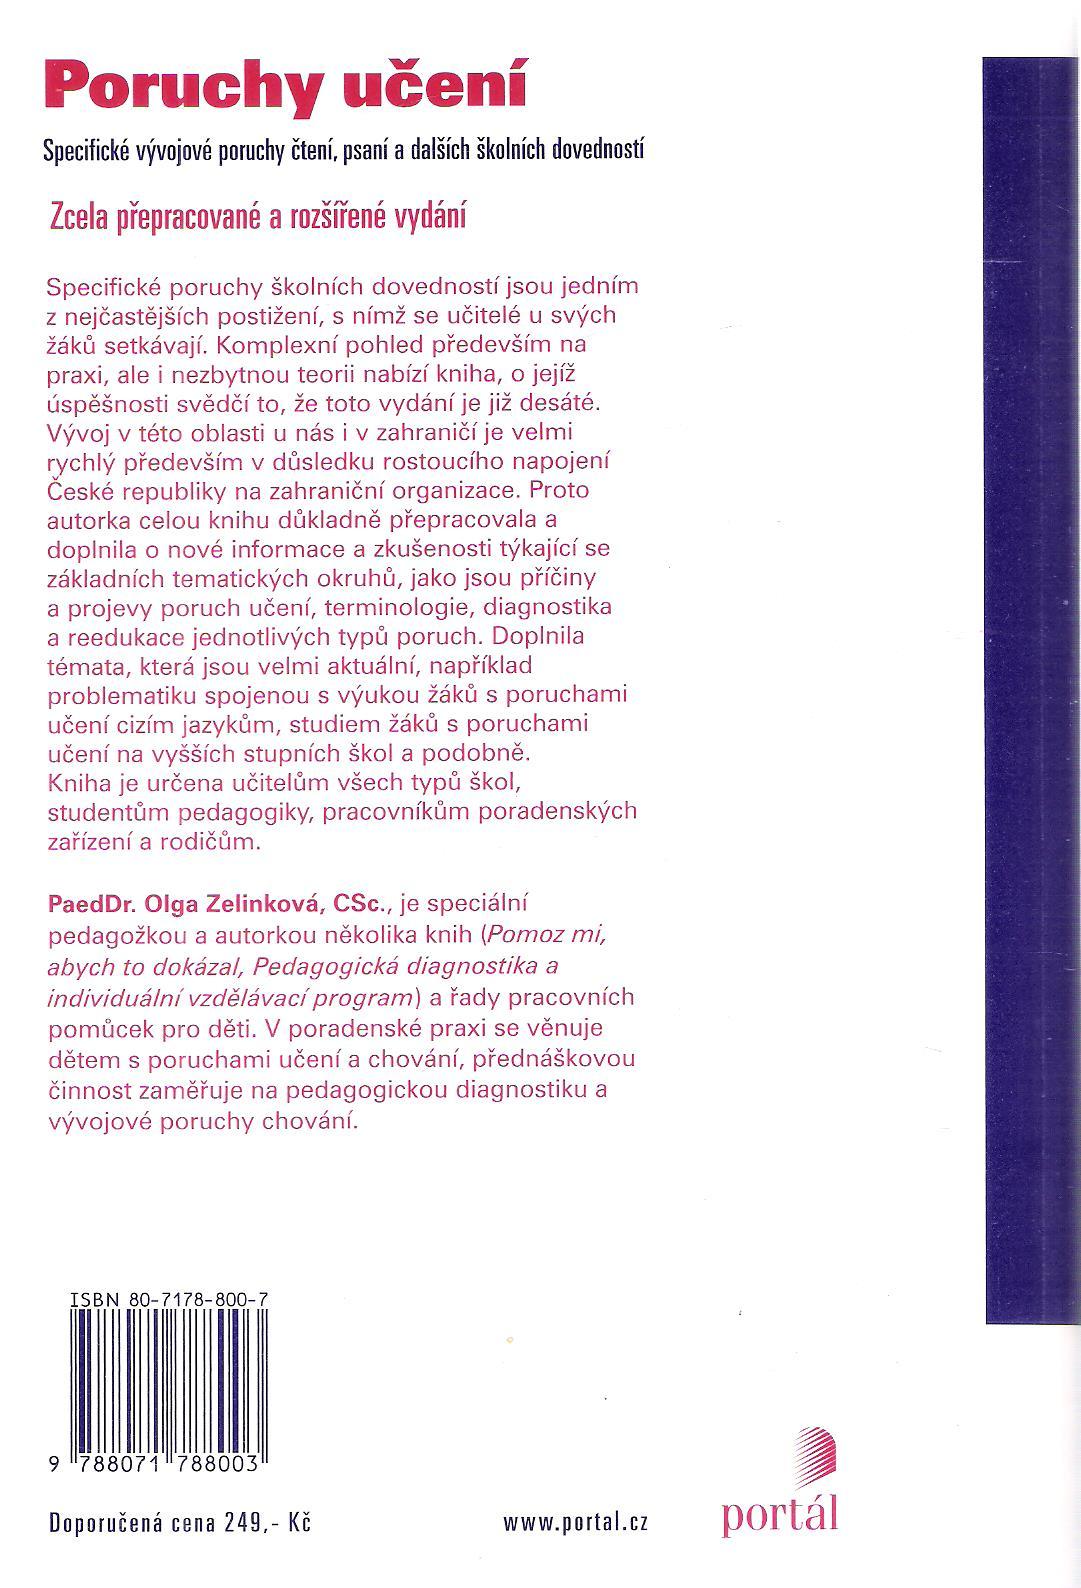 olga zelinková pedagogická diagnostika individuální vzdělávací program